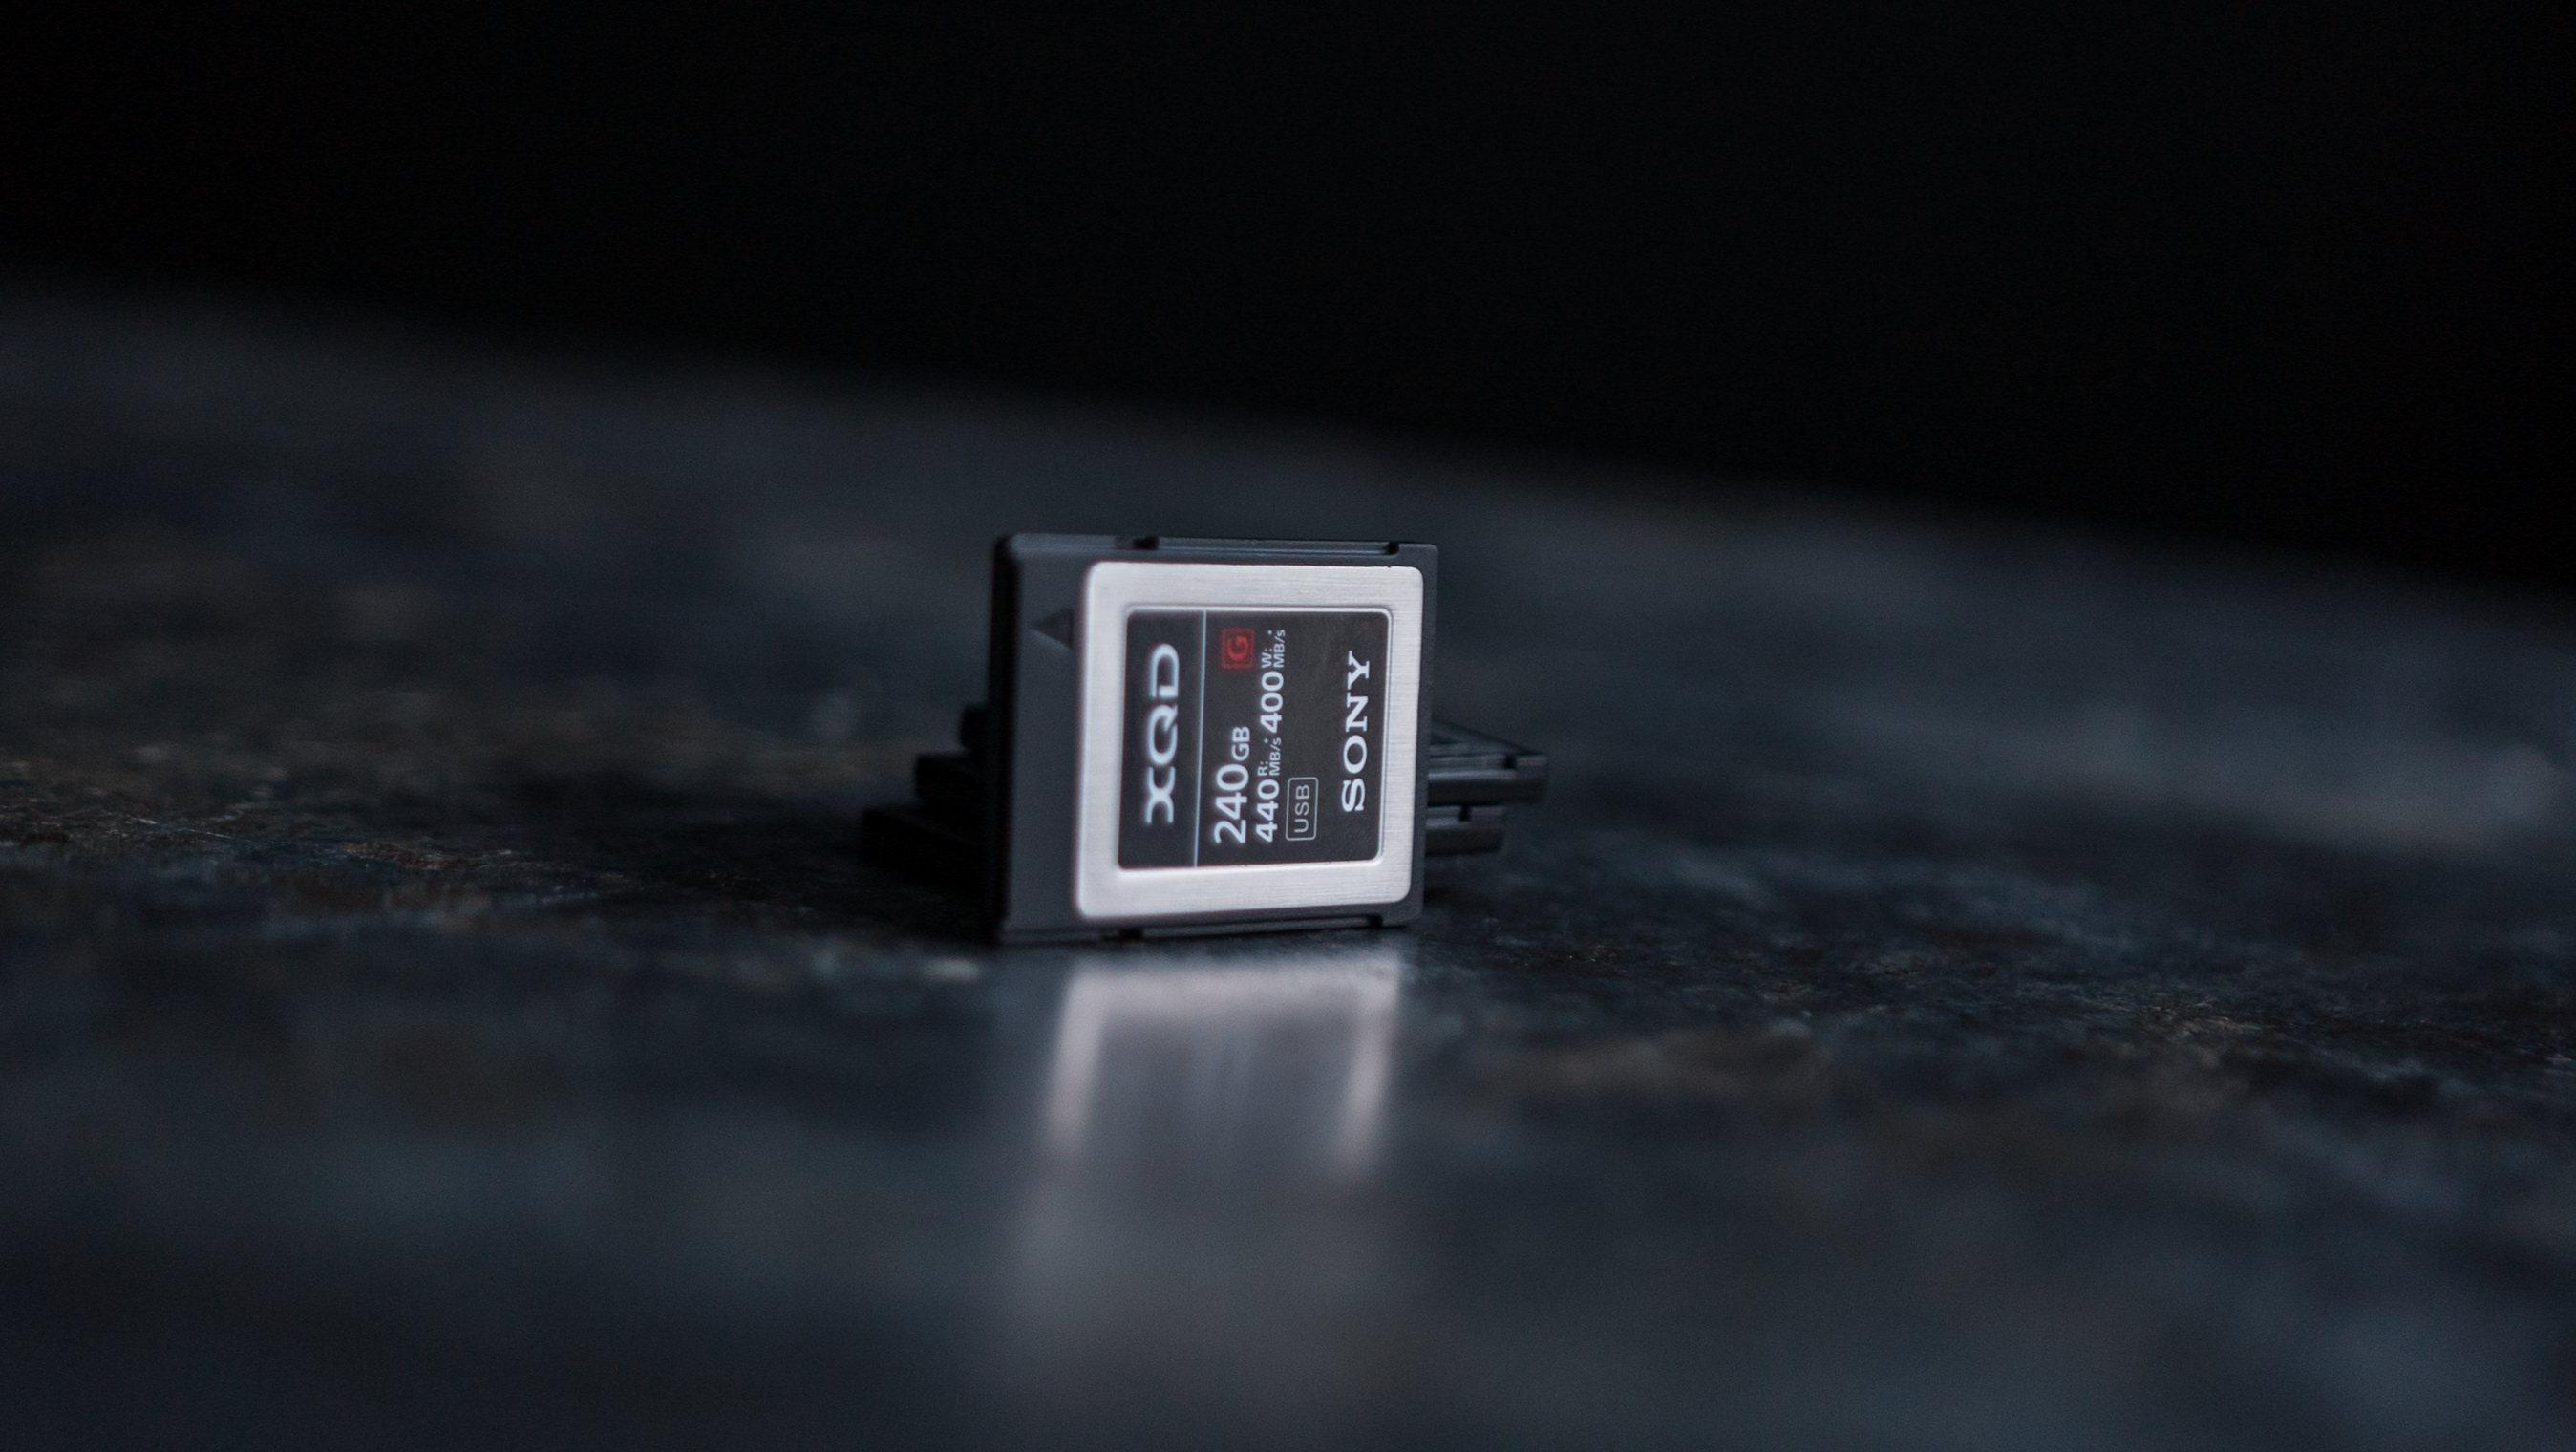 Sony minnekort